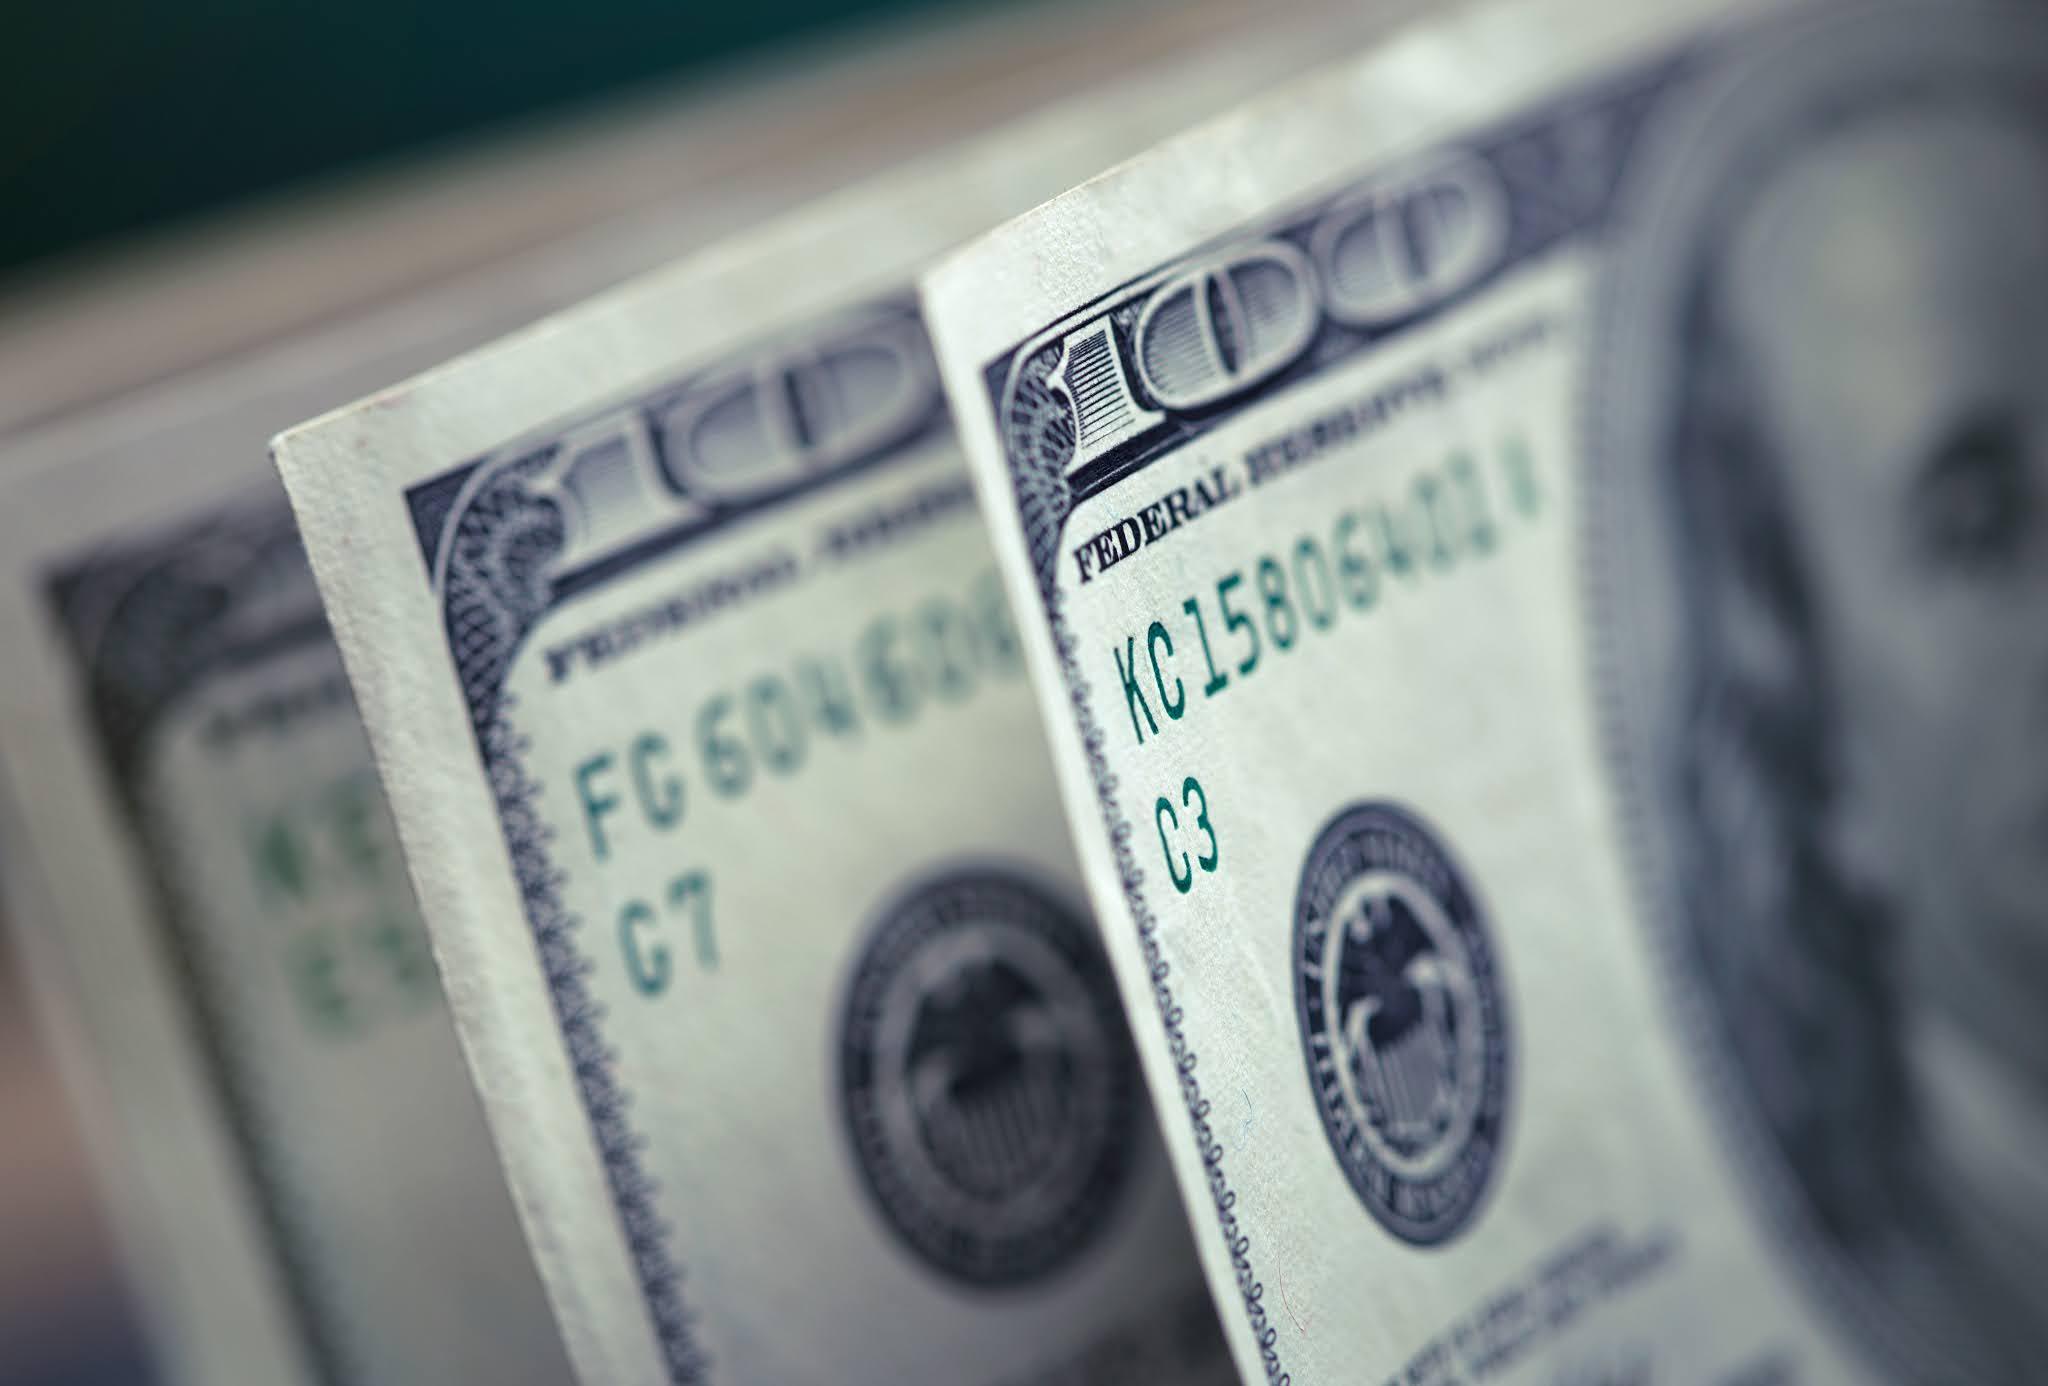 مصر تعلن عن نمو الاحتياطي النقدي الأجنبي ليصل إلى 40.7 مليار دولار في يوليو